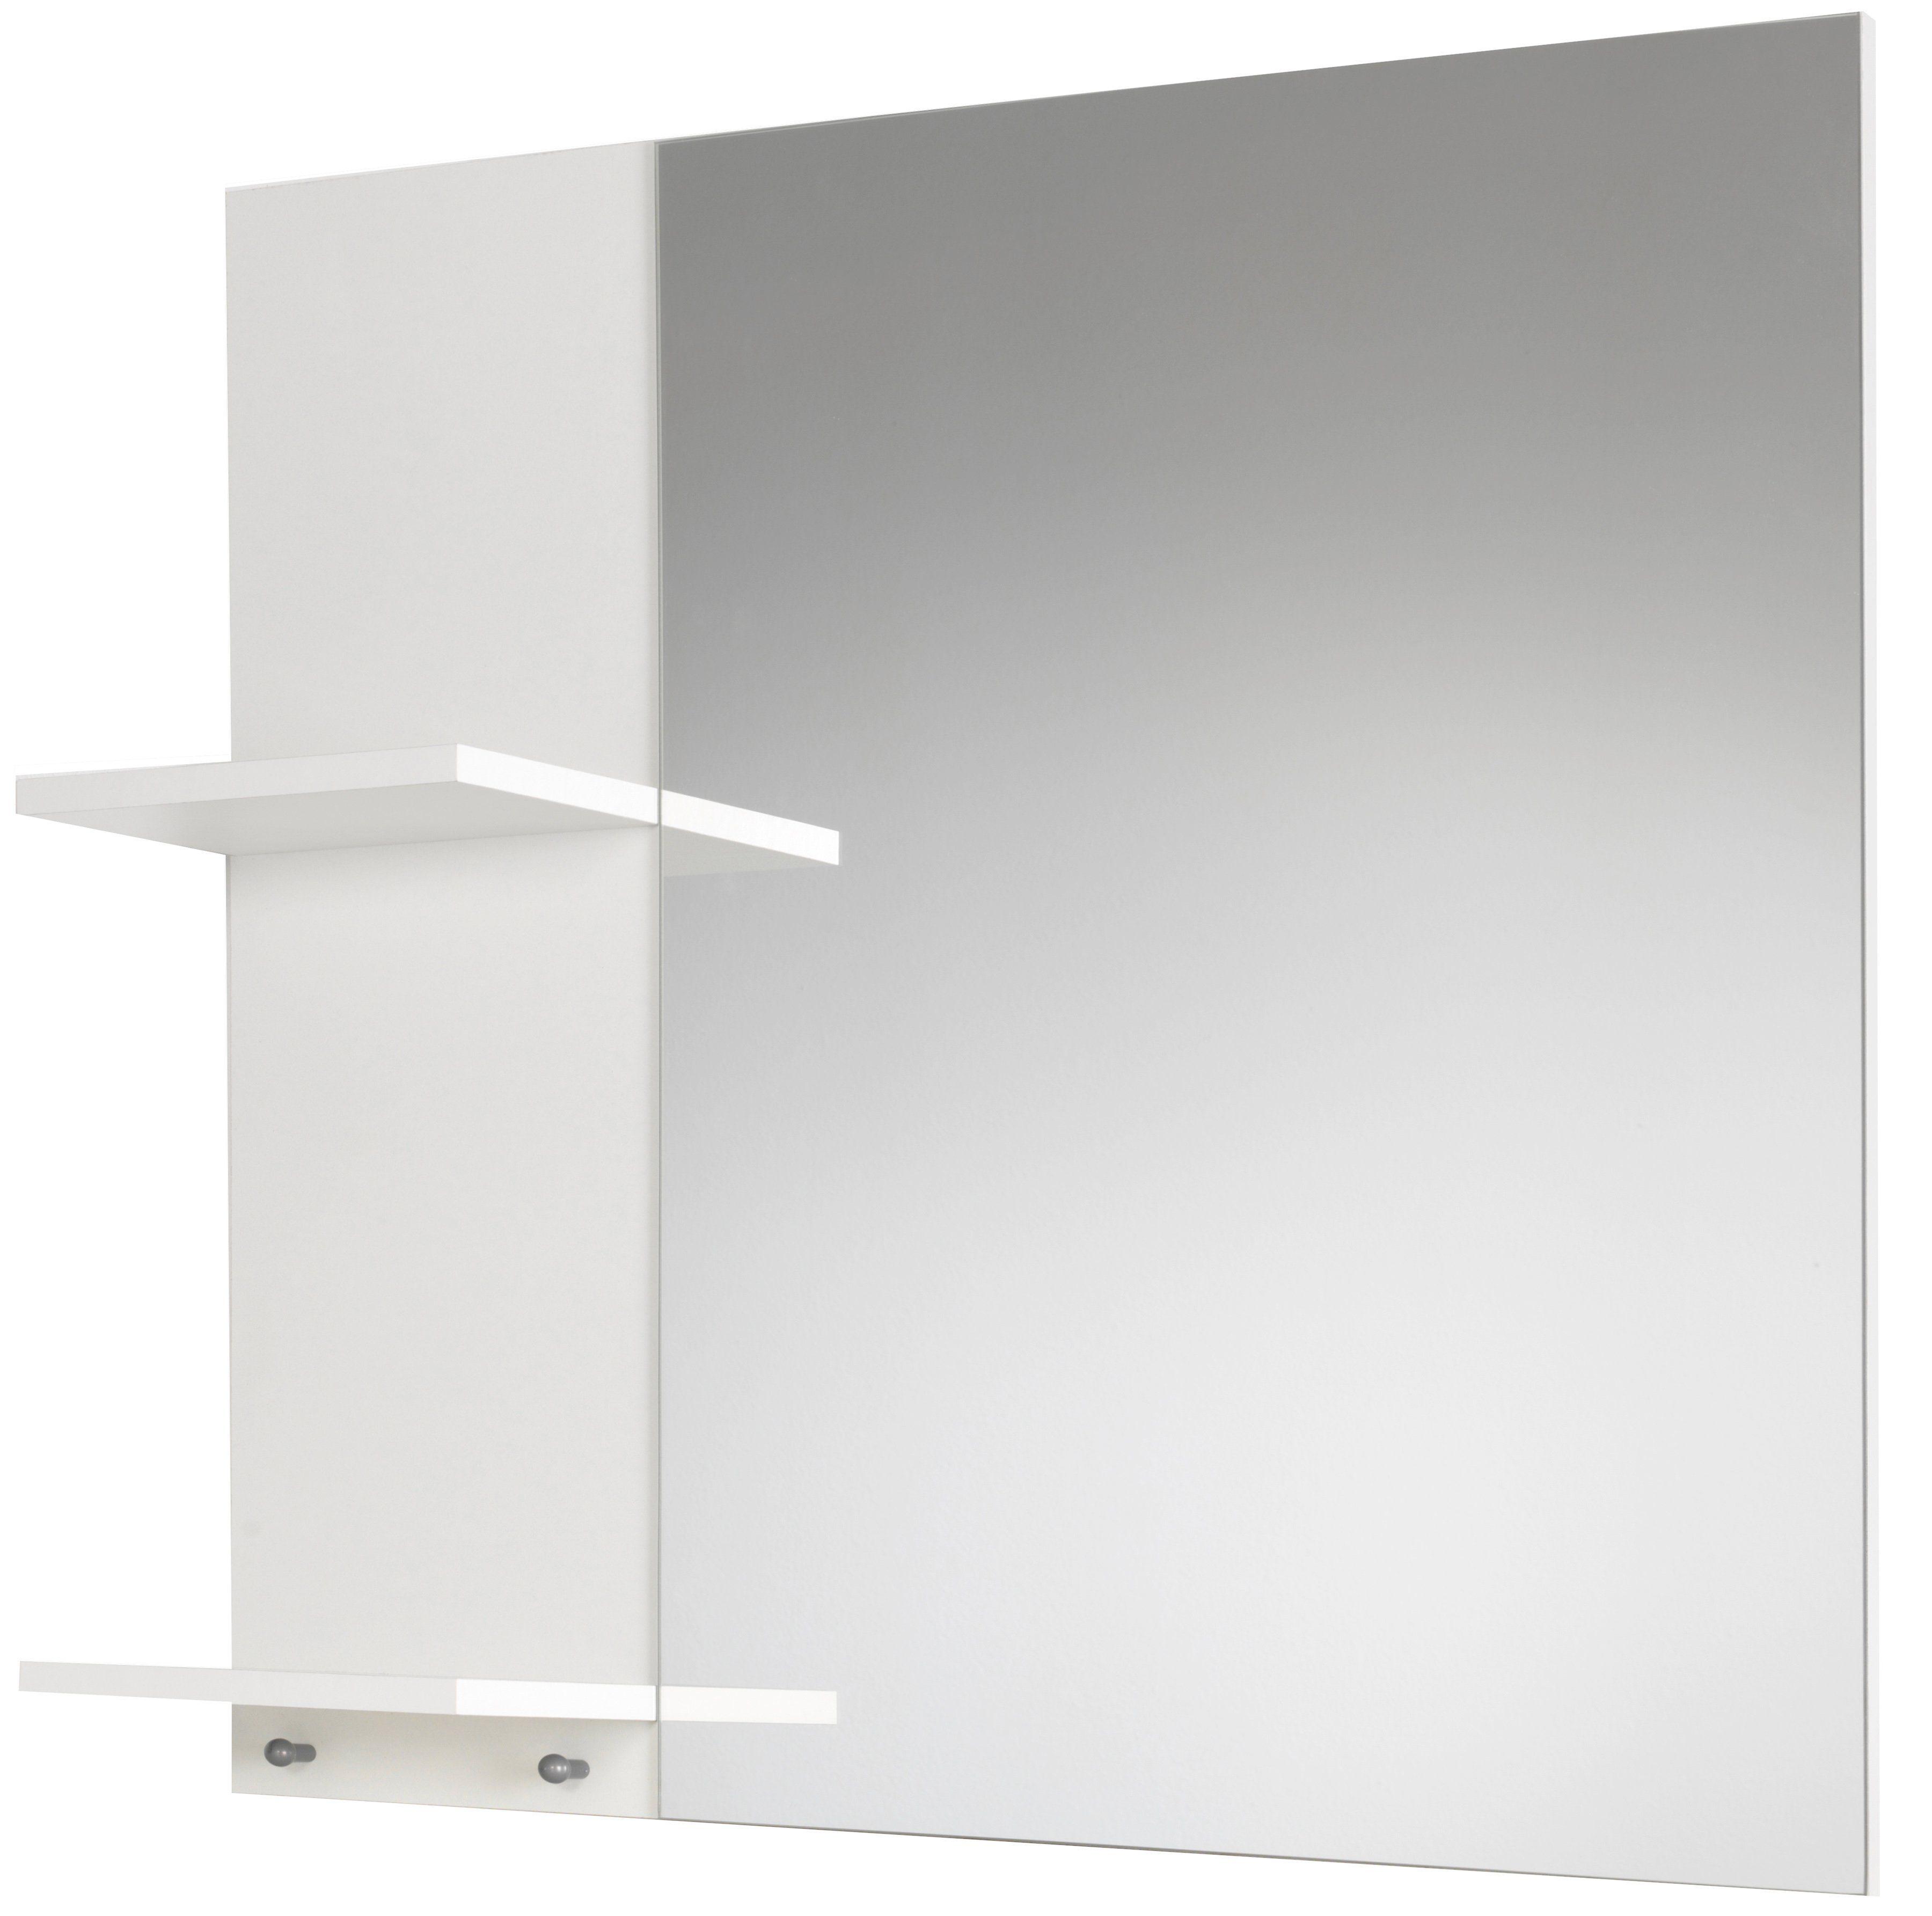 Spiegel / Badspiegel »Basic« Breite 70 cm, mit seitlichen Ablagen